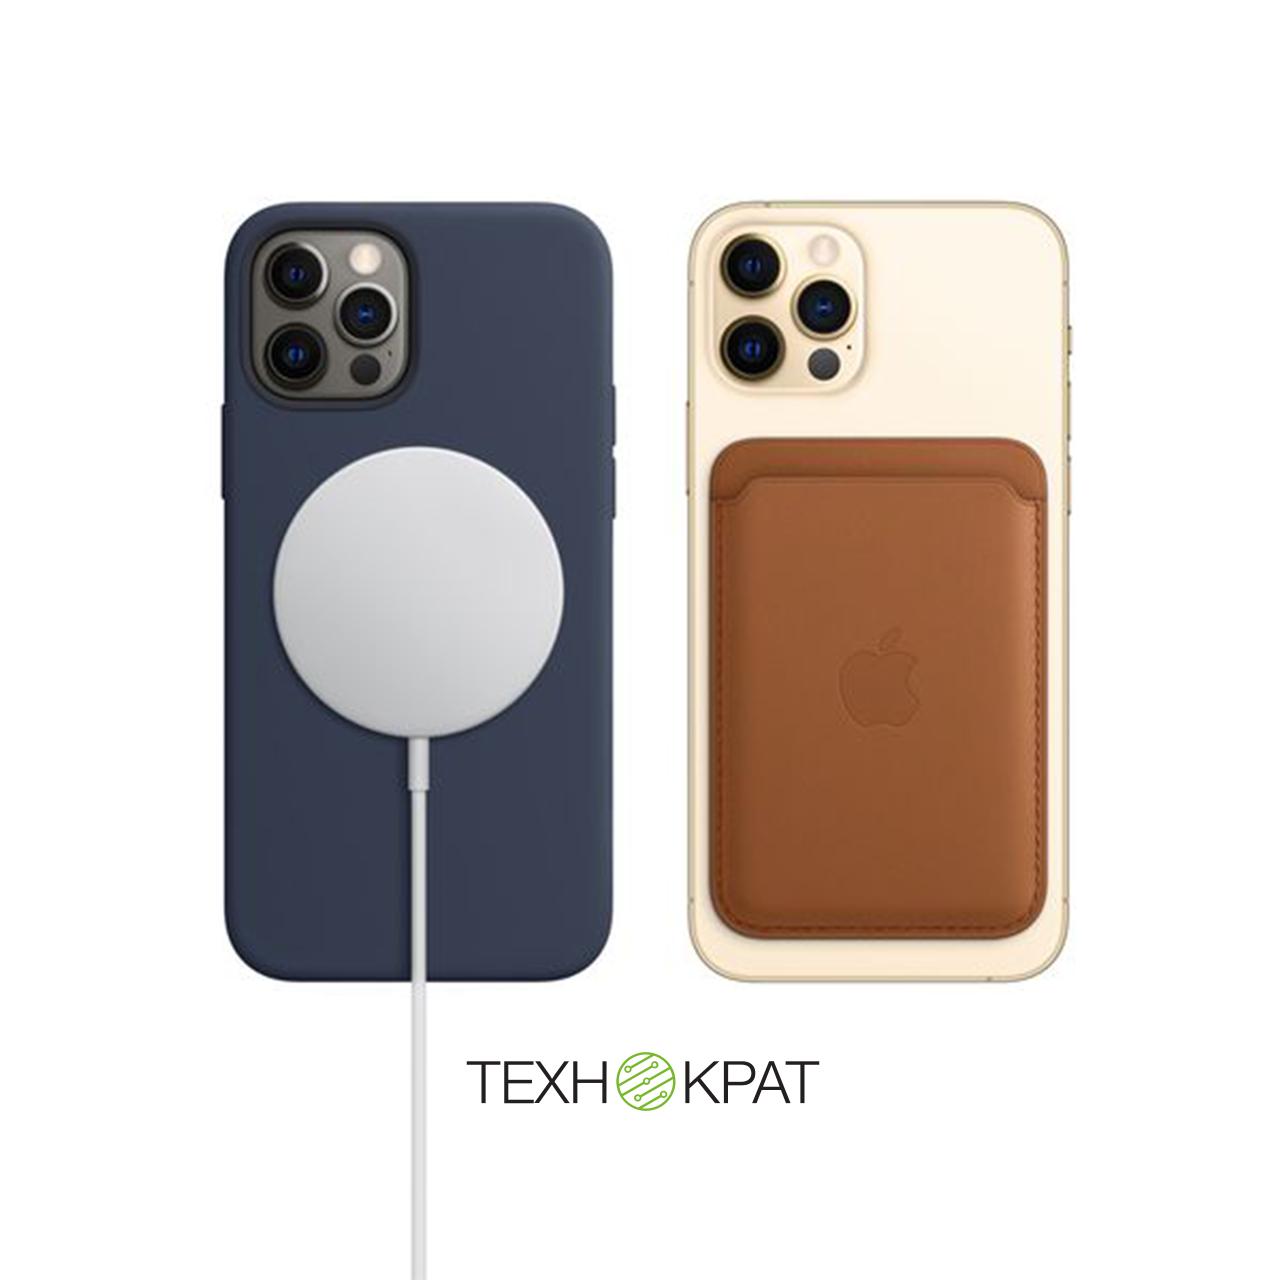 iPhone 12 Pro Max - кращий айфон за версією експертів